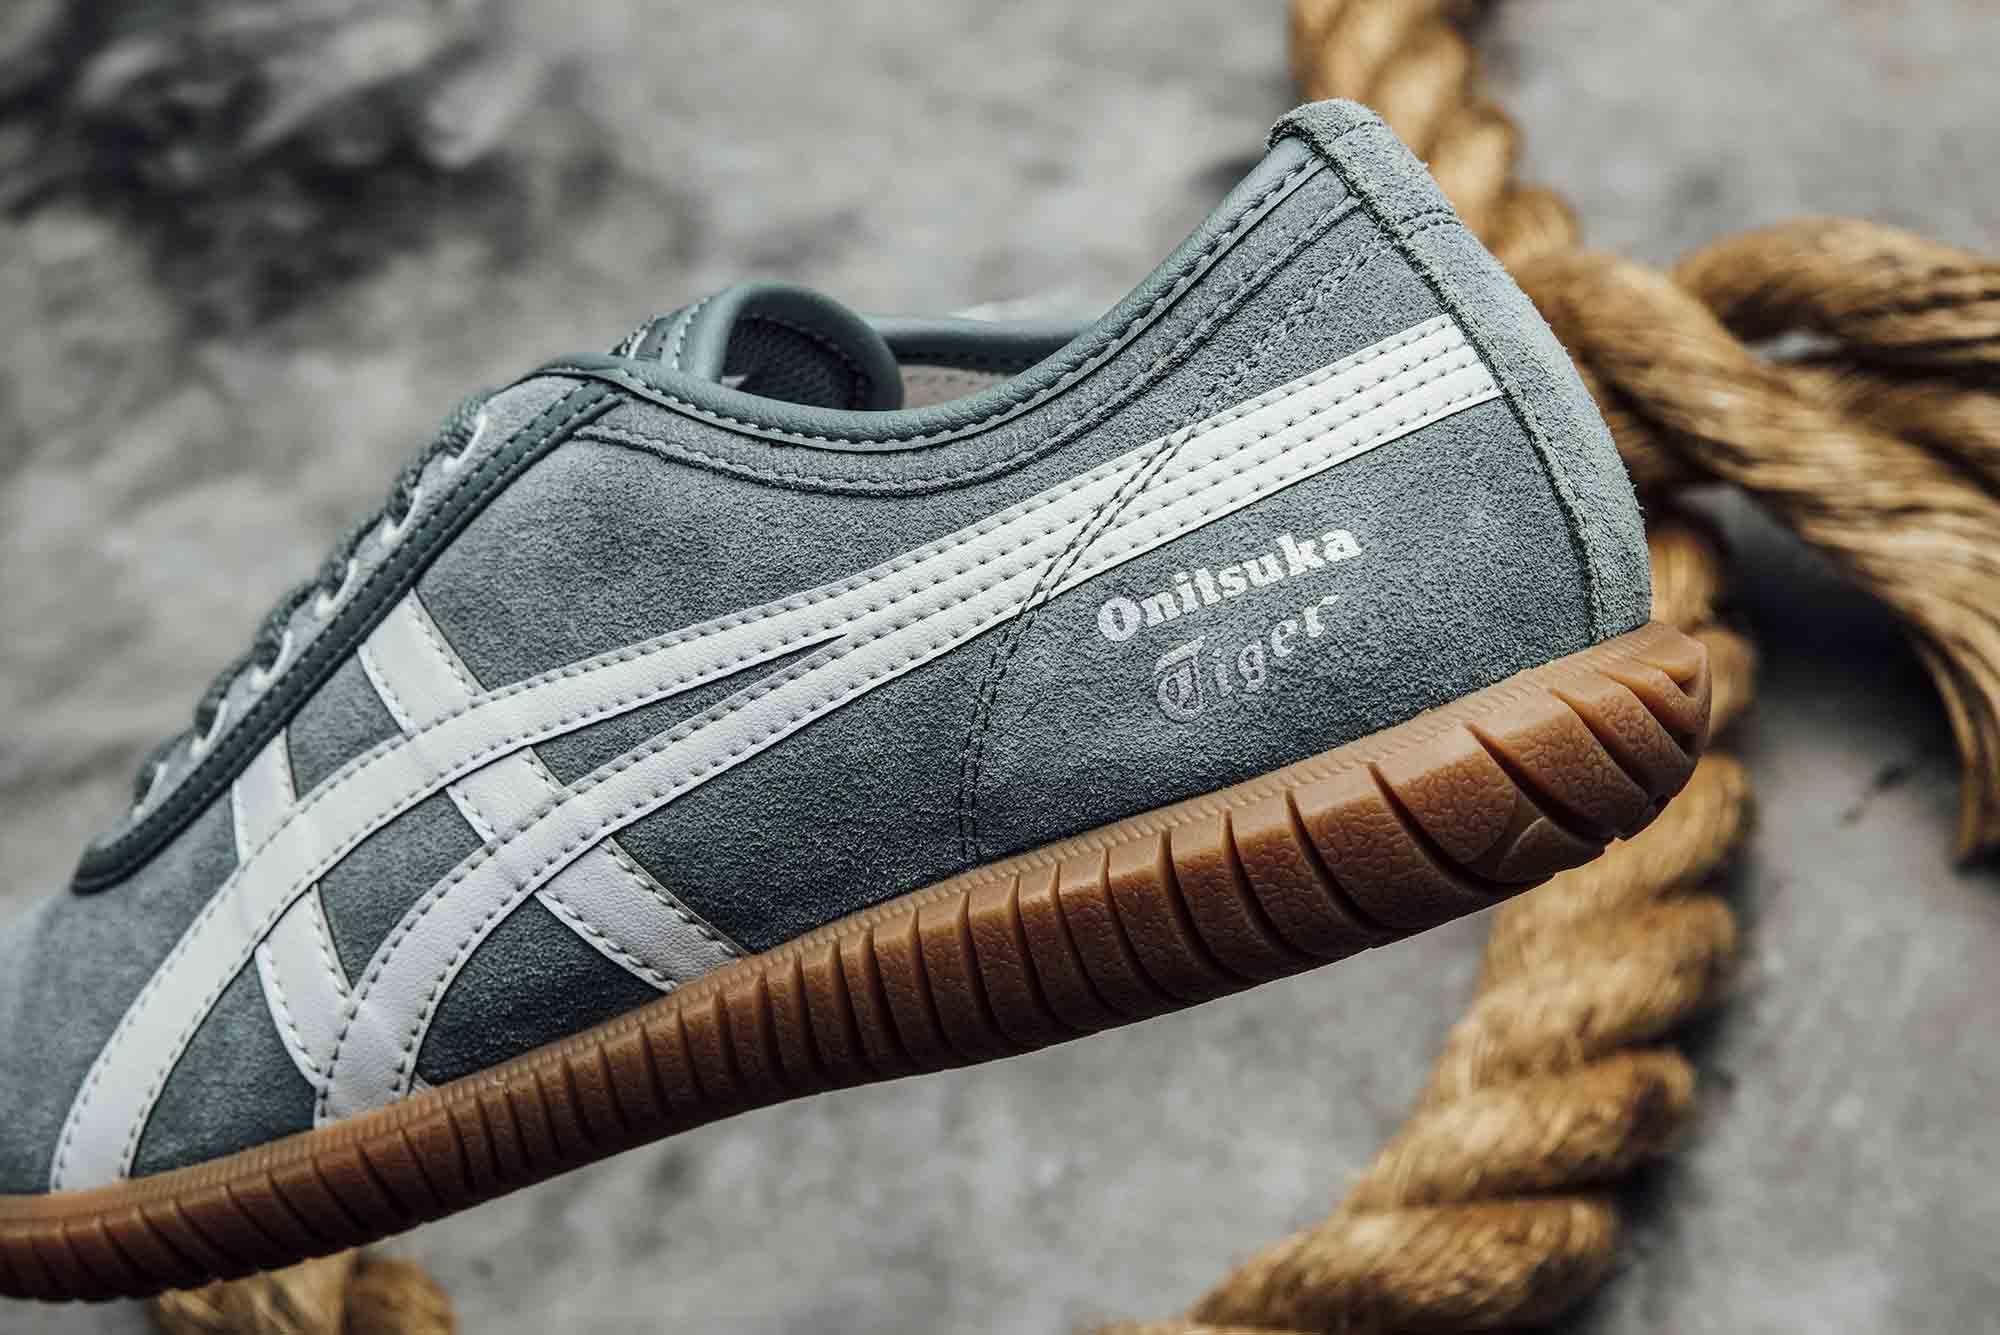 onitsuka-tiger-tsunahiki-footwear-14